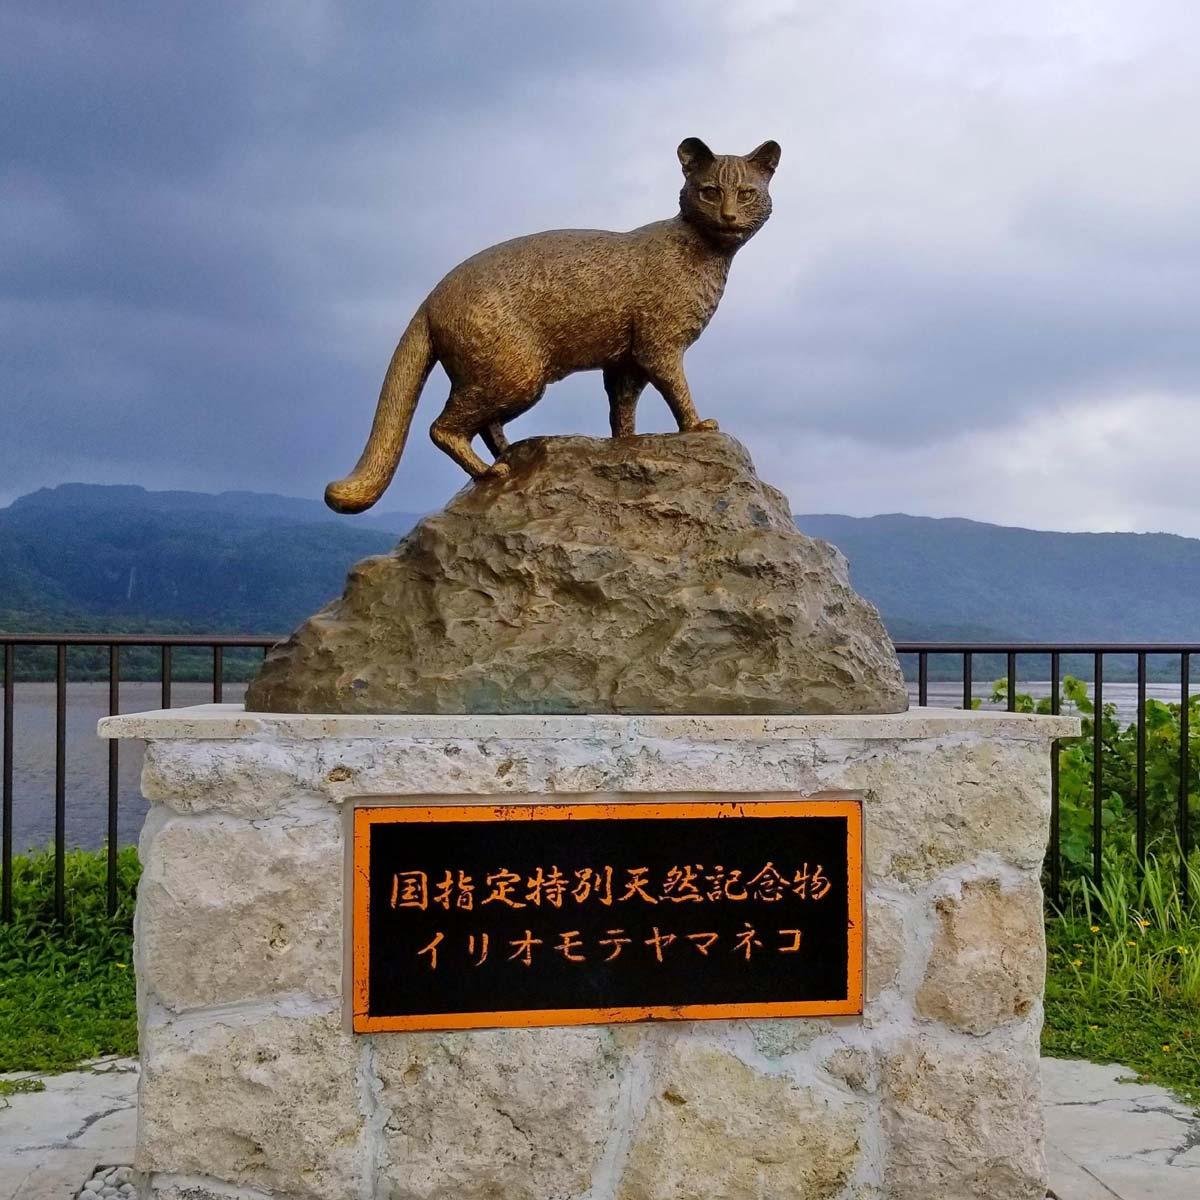 船浦海中道路のイリオモテヤマネコ像